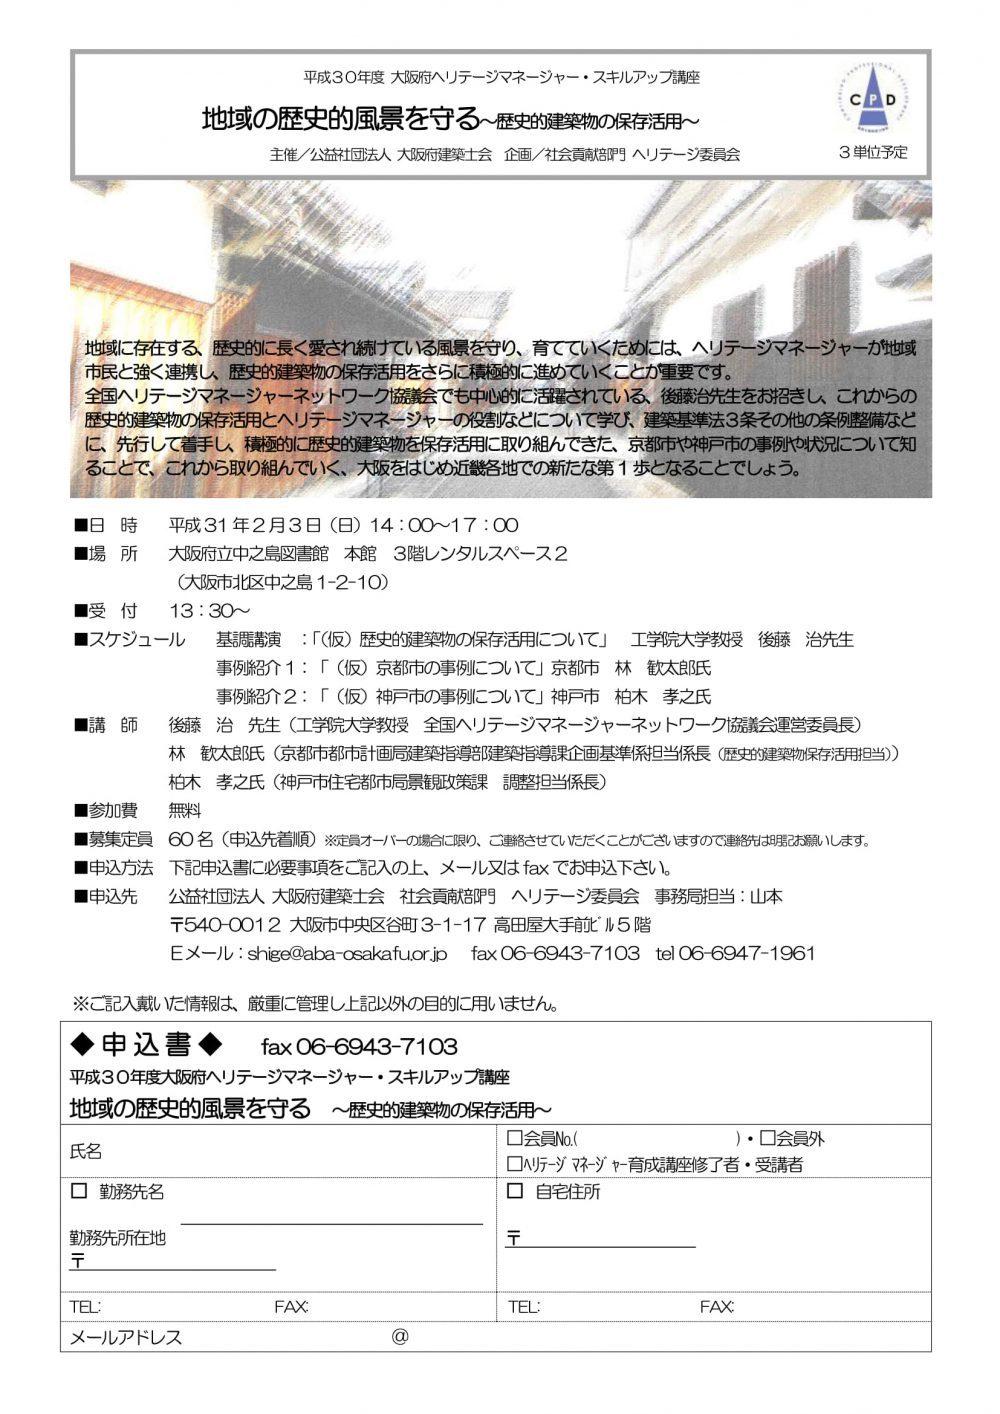 2/3(日)ヘリテージ スキルアップ講座 地域の歴史ある風景を守る〜歴史的建築物の保存活用〜